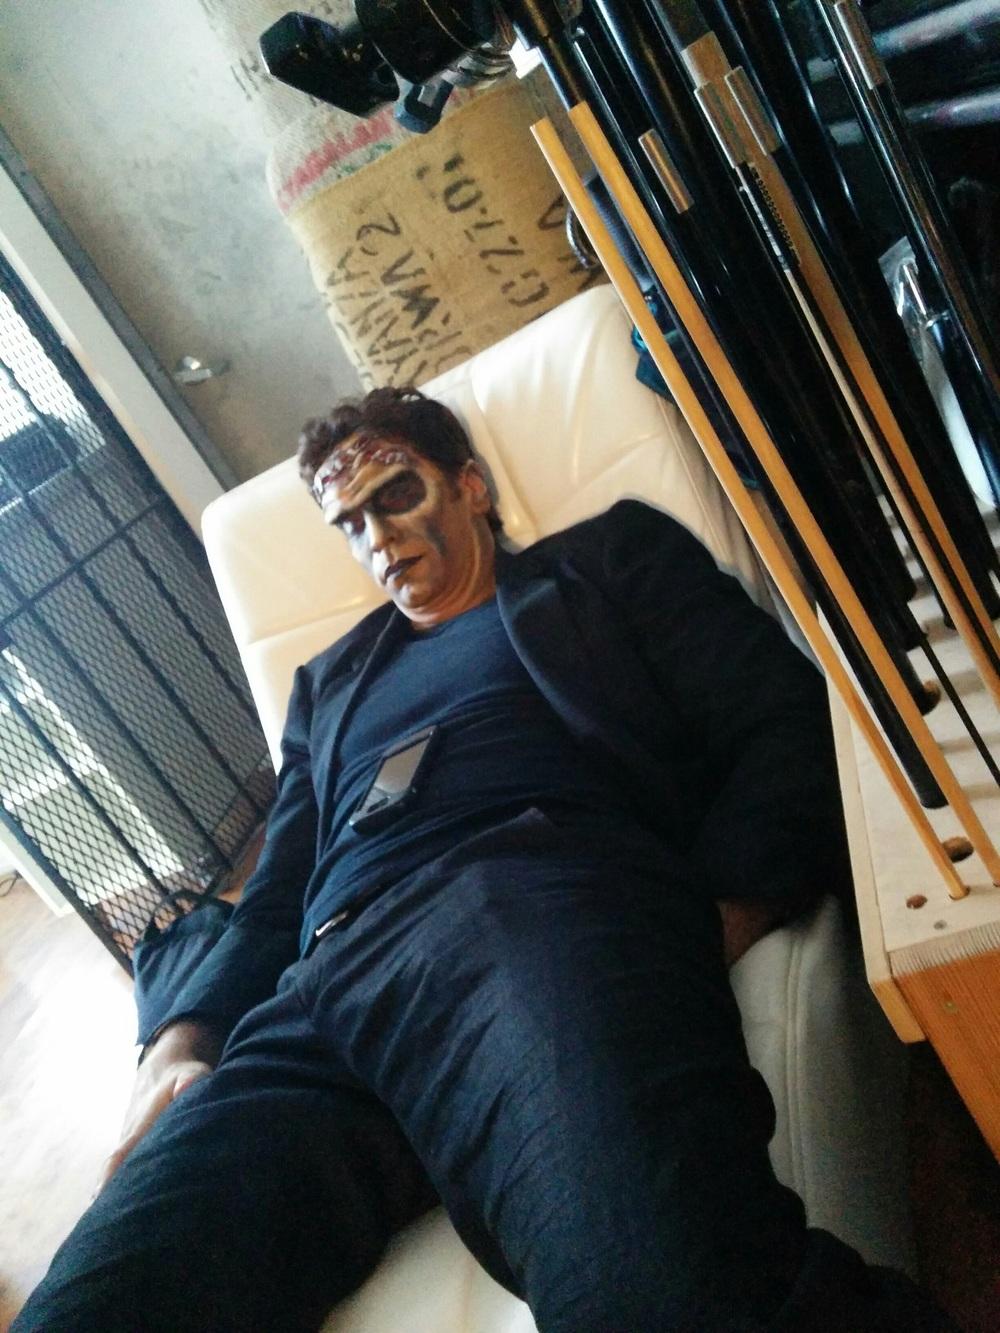 wpf behind the scenes sleepy monster.jpg